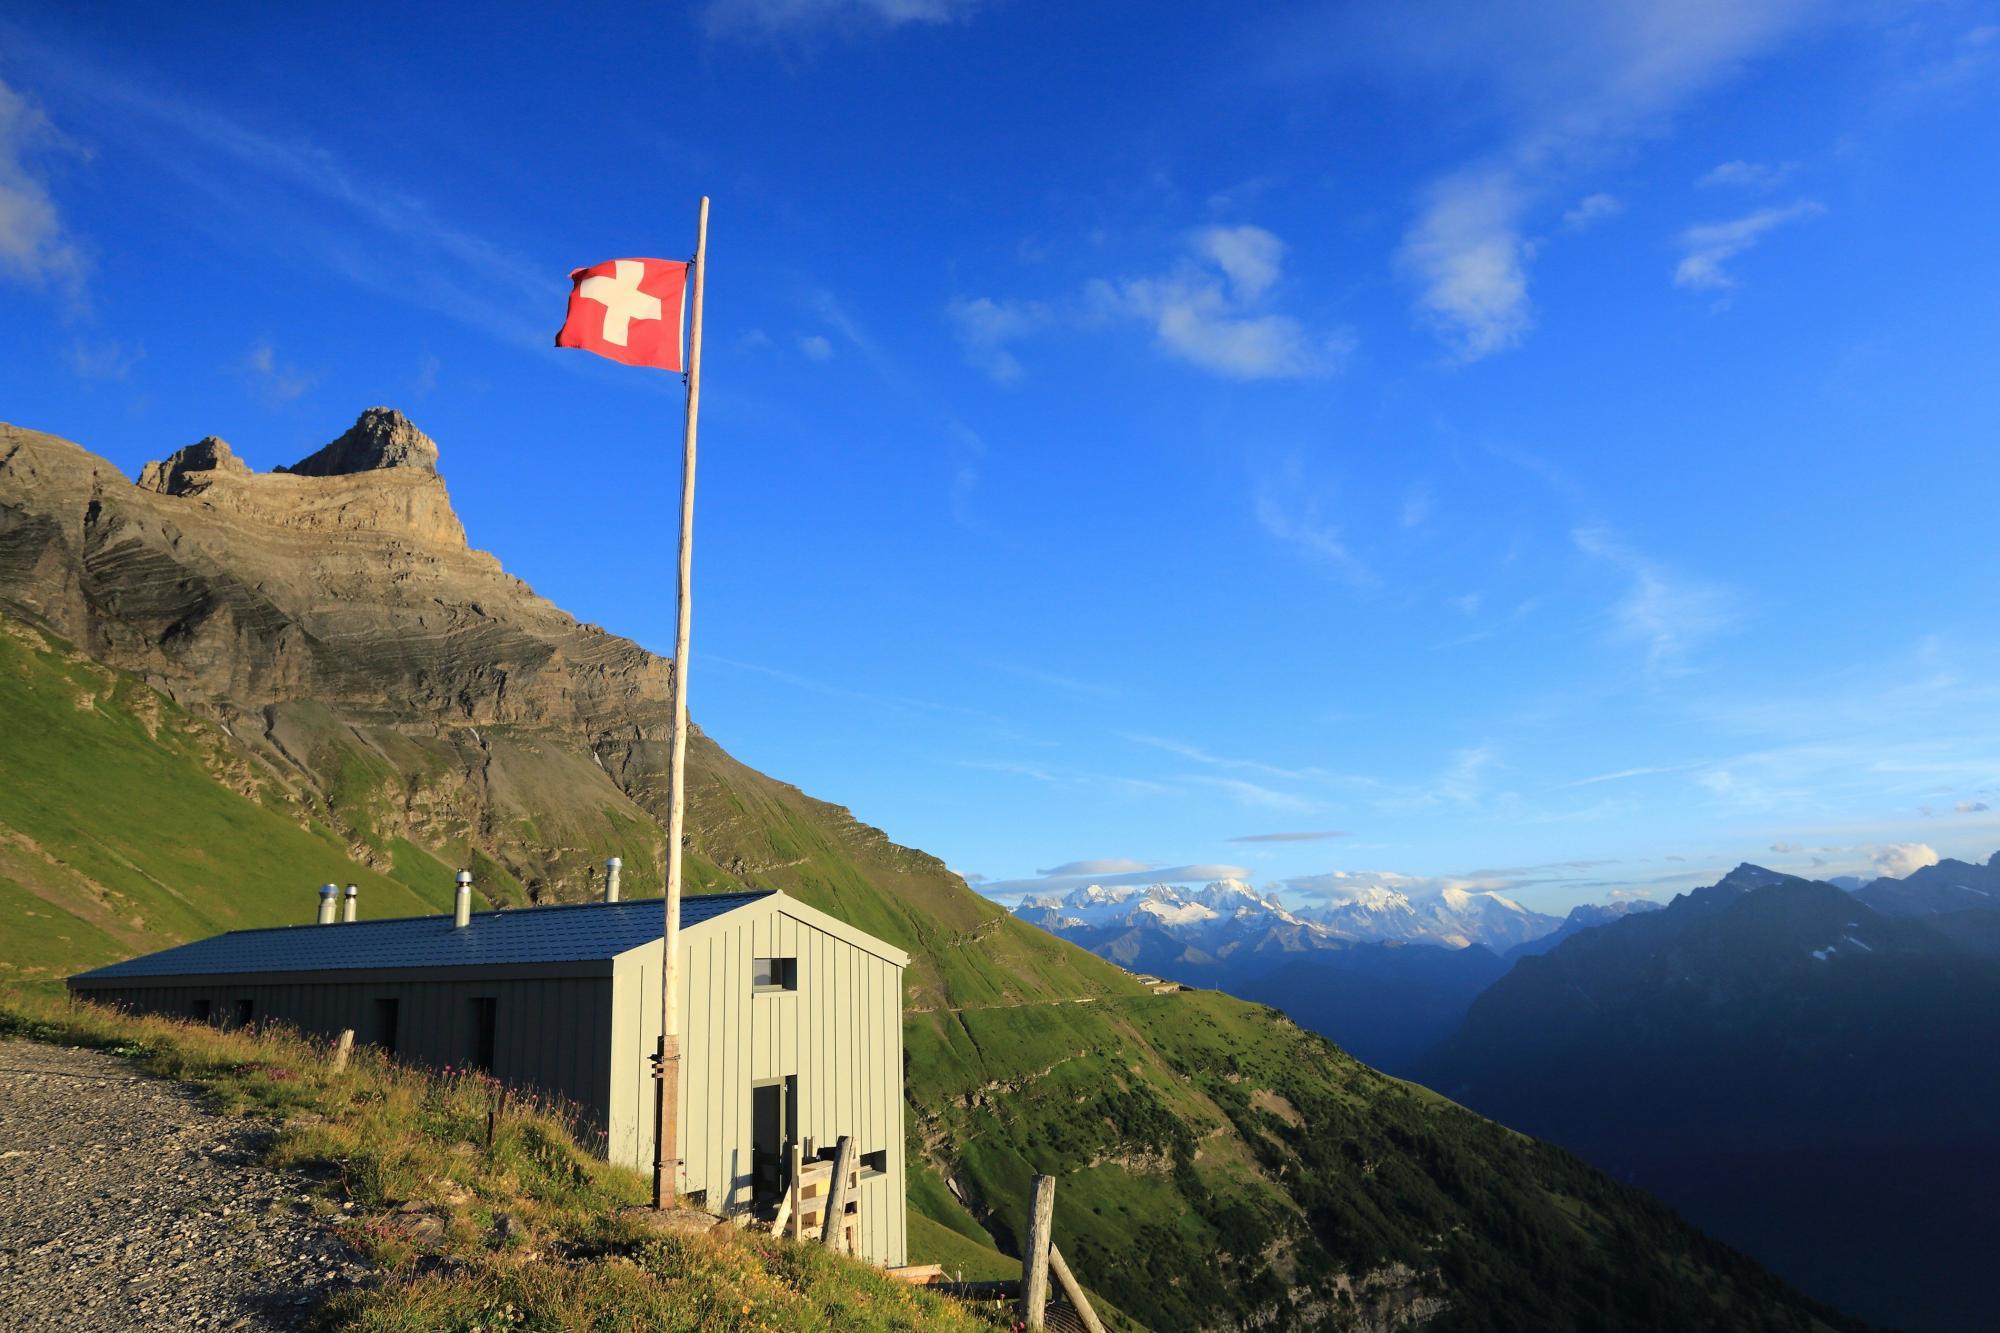 Les plus belles cabanes de montagne de Suisse - Cabane de la Tourche, Lavey-Morcles, Vaud